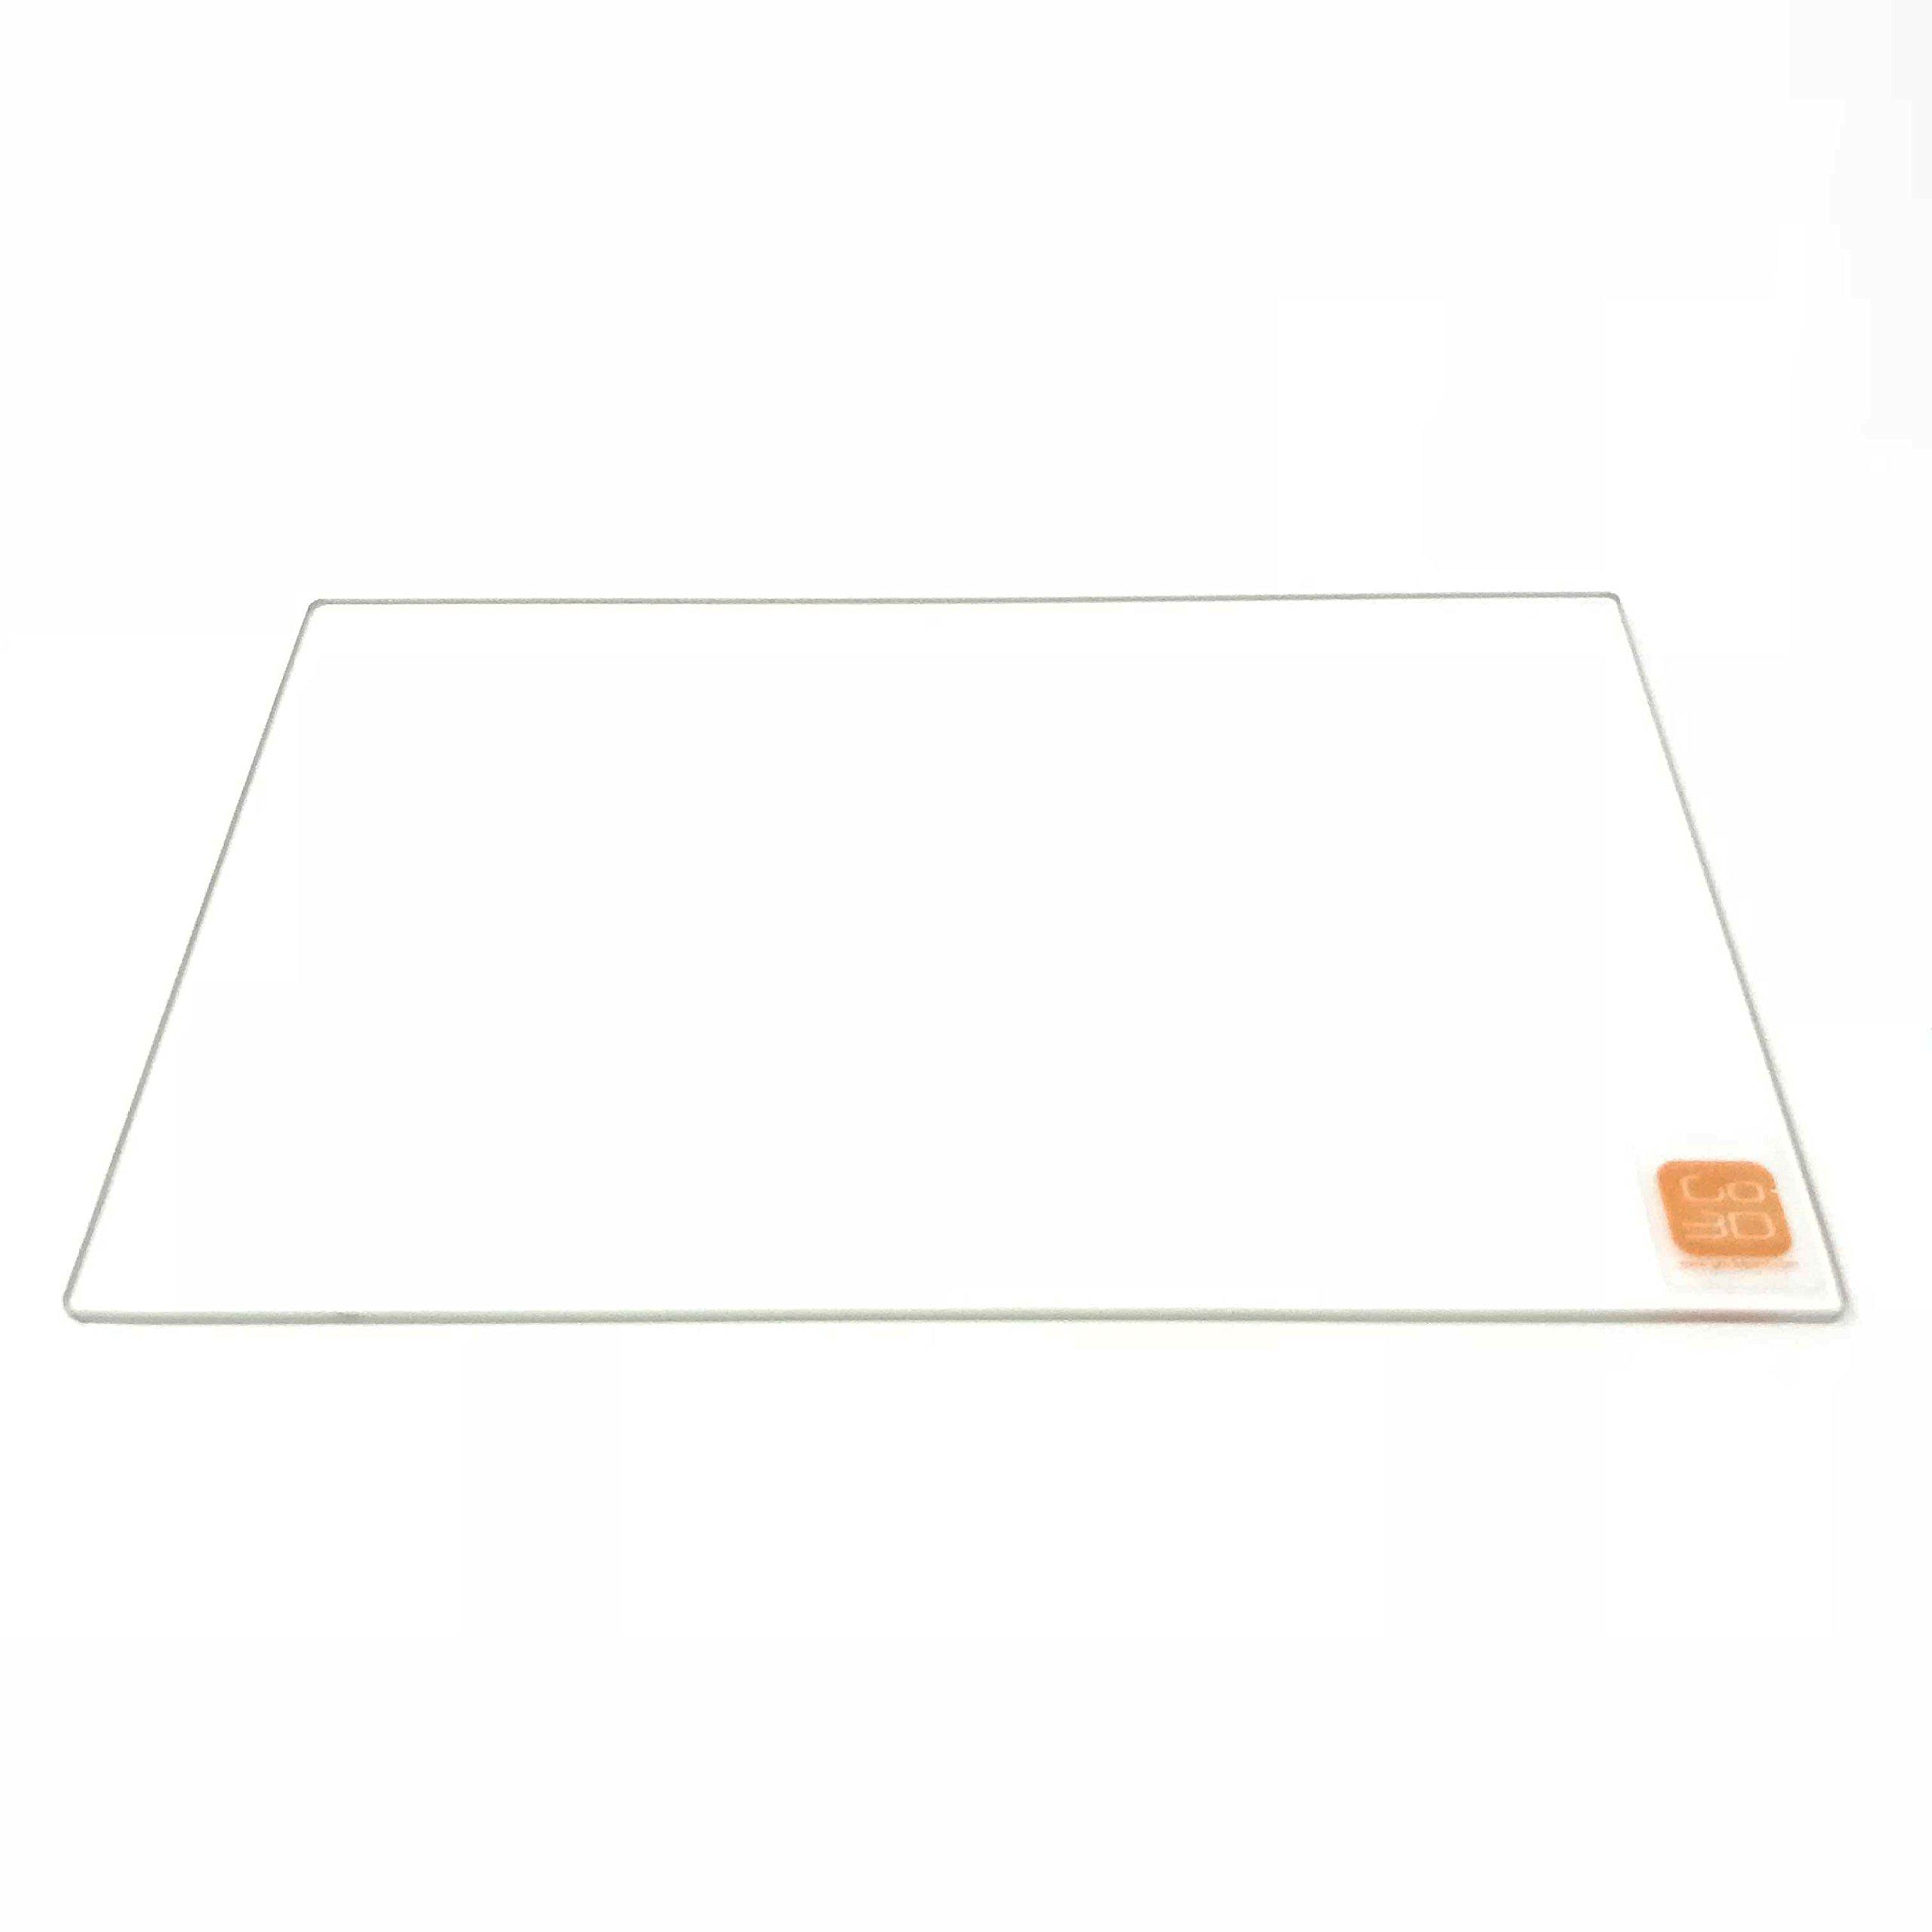 155mm x 235mm Plaque de verre borosilicate/lit pour Flashforge Creator Pro Dreamer imprimante 3d